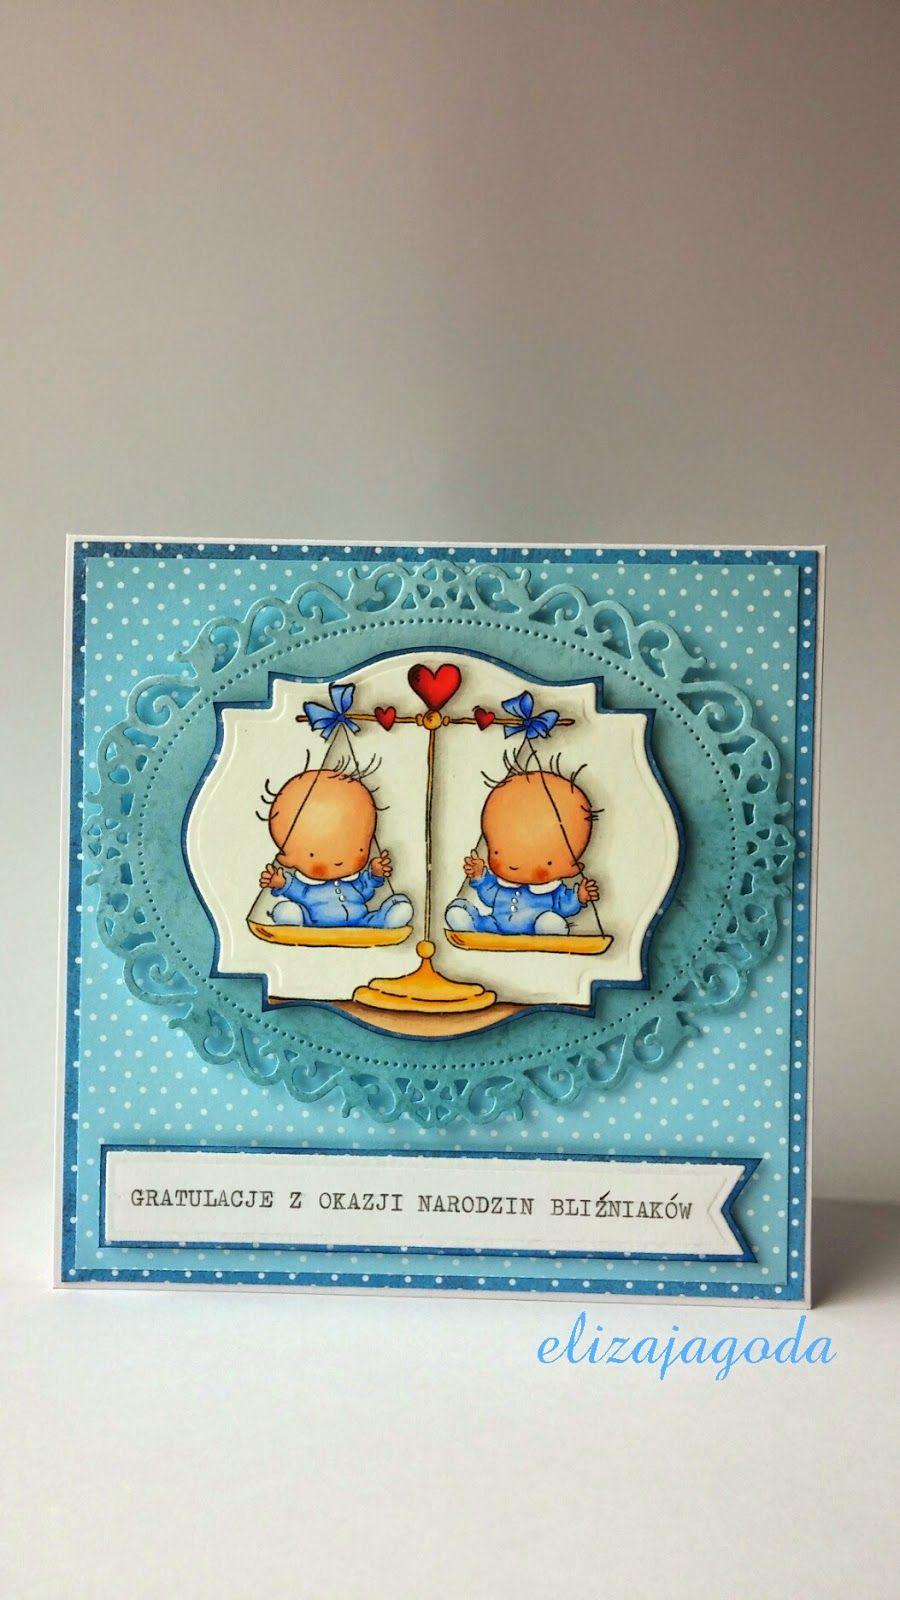 Gratulacje Z Okazji Narodzin Blizniakow Baby Cards Cards